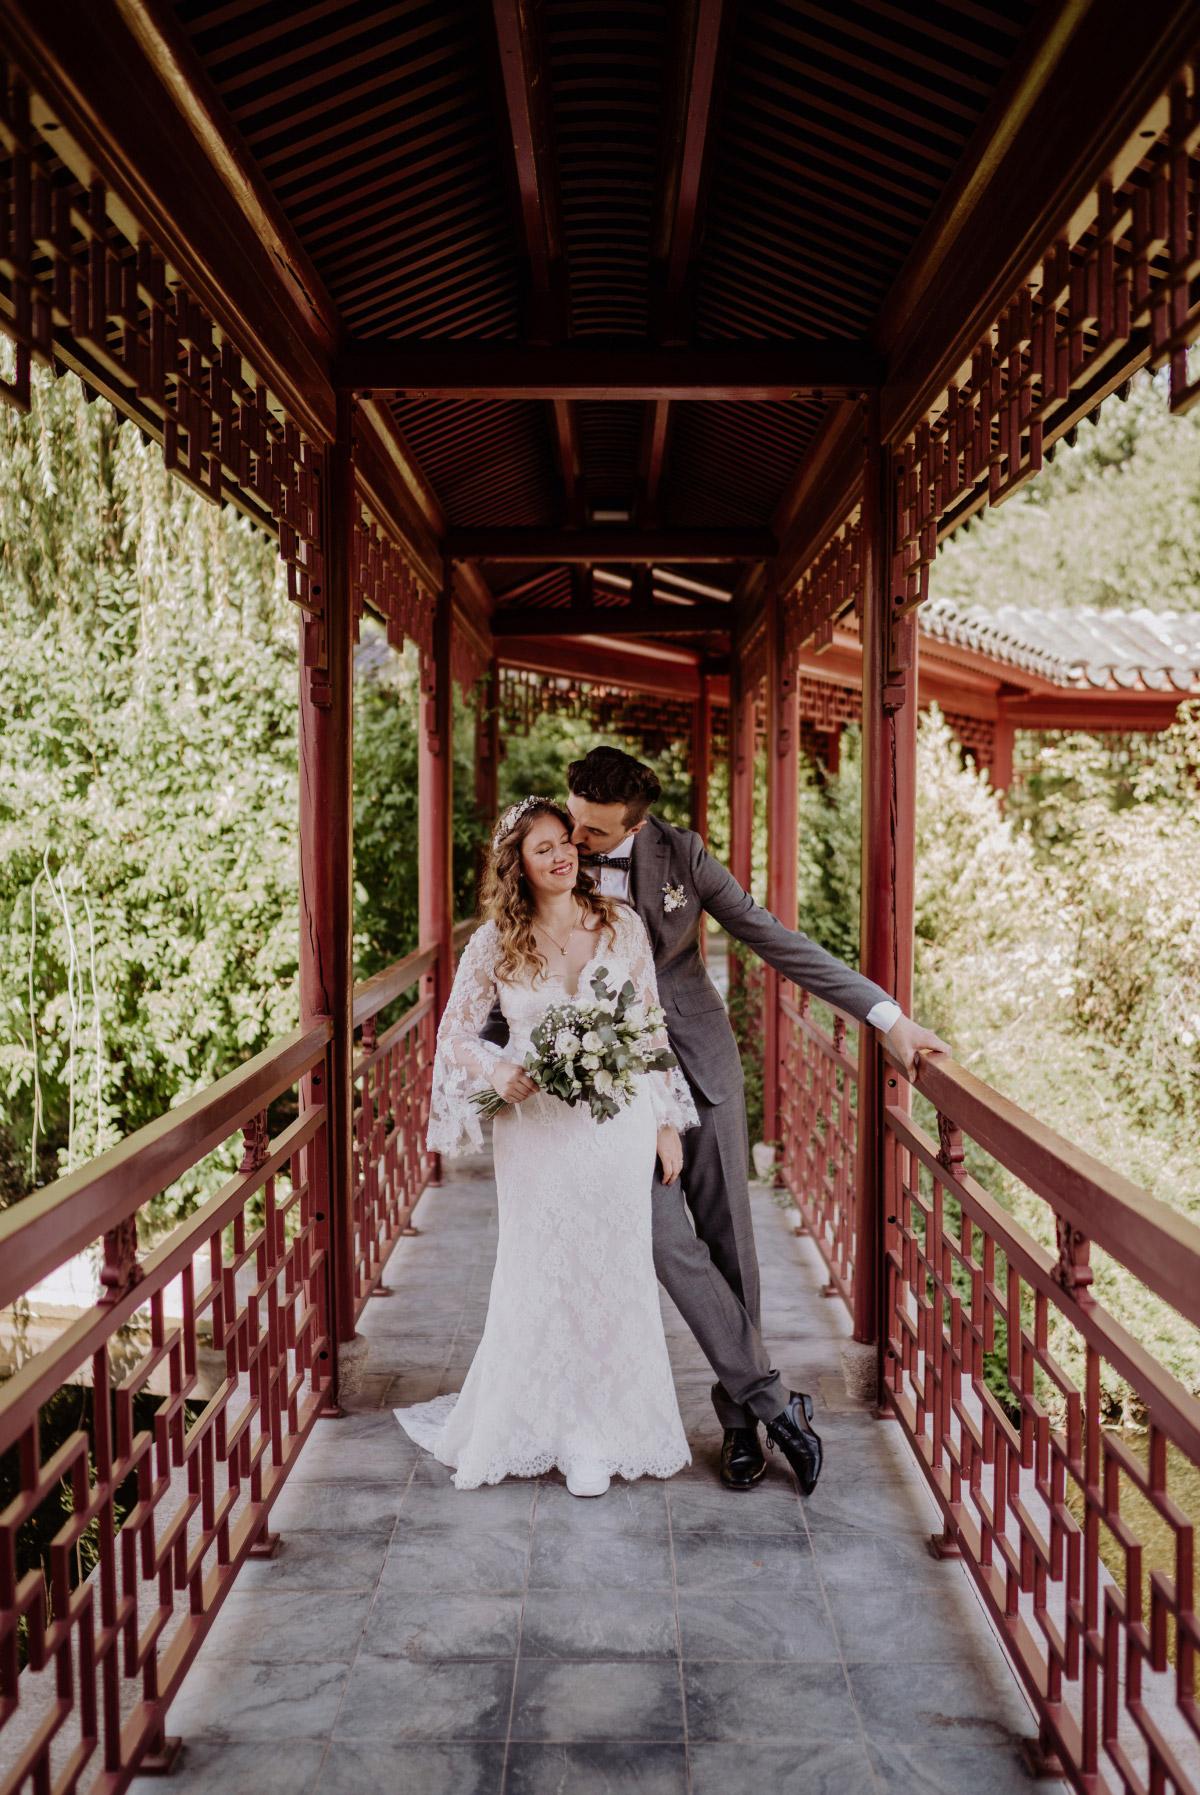 Standesamt Berlin - Corona Hochzeit im Standesamt Berlin Gärten der Welt Chinesischer Garten - mehr im Blog von Hochzeitsfotografin Berlin © www.hochzeitslicht.de #hochzeitslicht